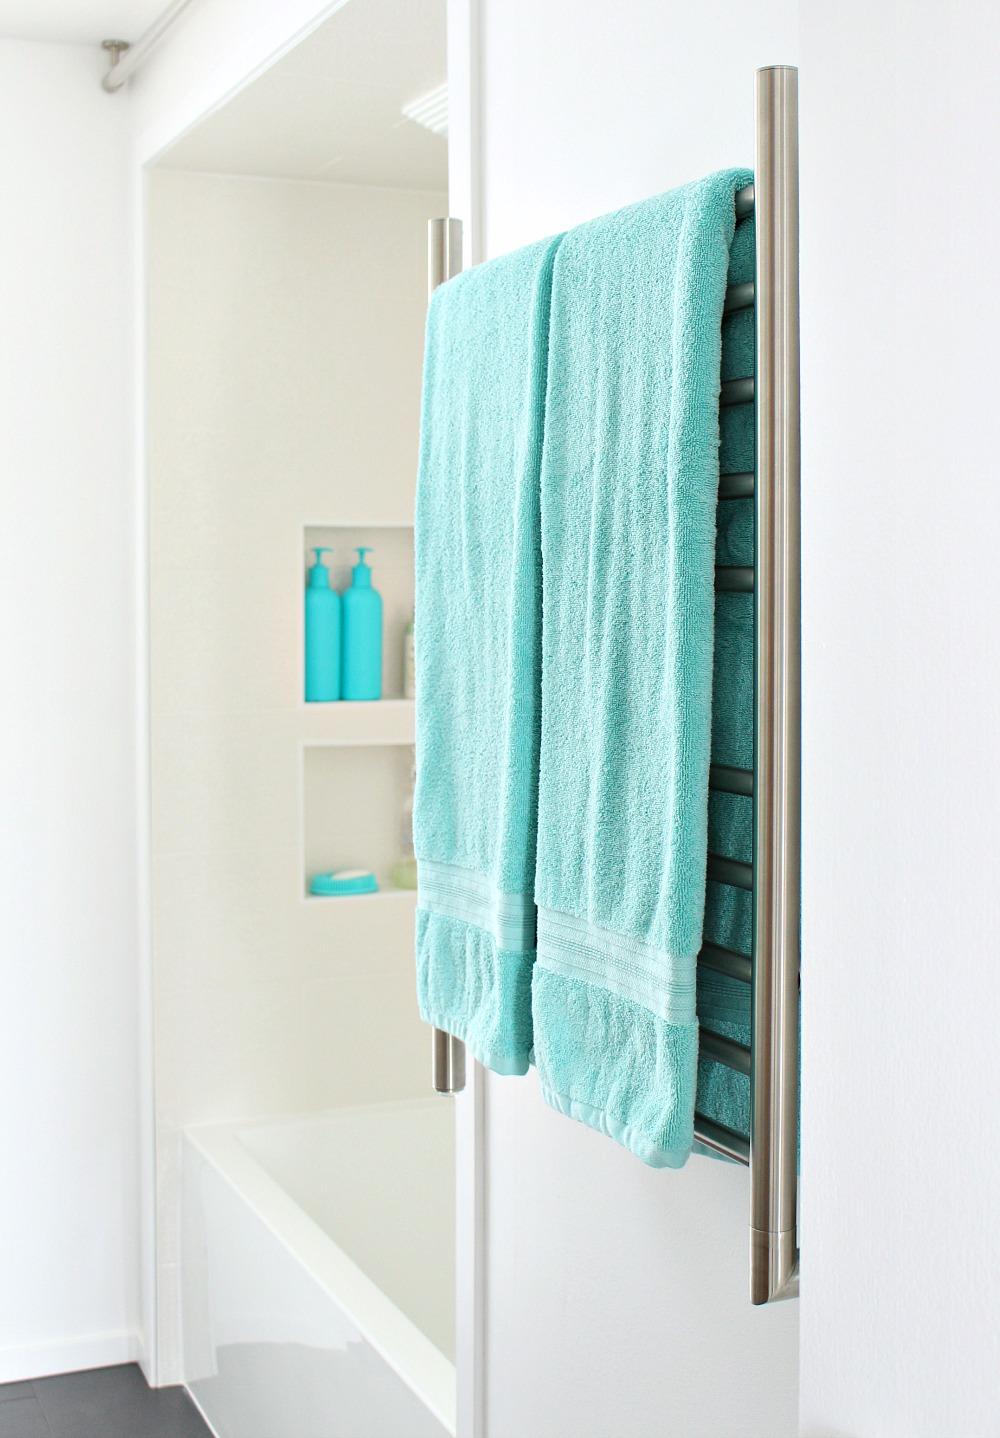 How to add a spa-like feel to a bathroom on a budget